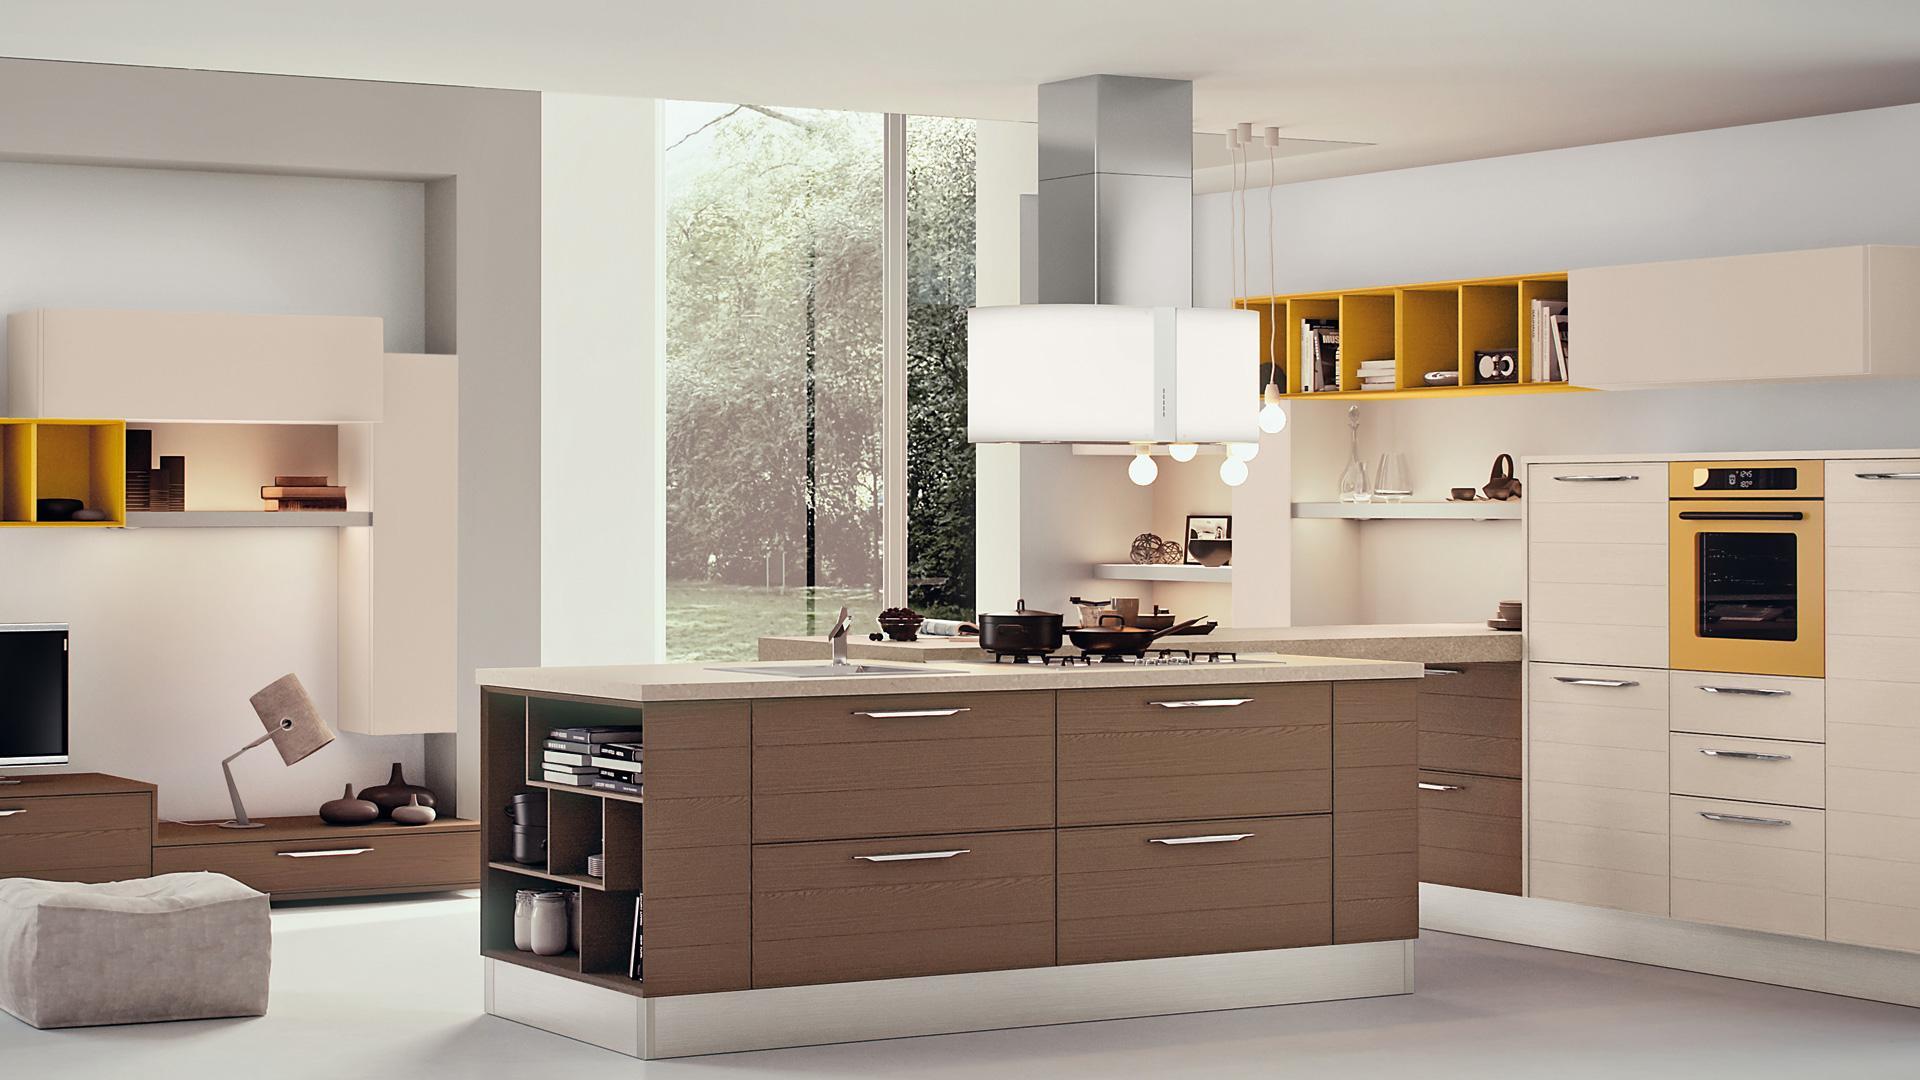 Pittura lavagna in cucina la tendenza divertente e - Meglio luce calda o fredda in cucina ...